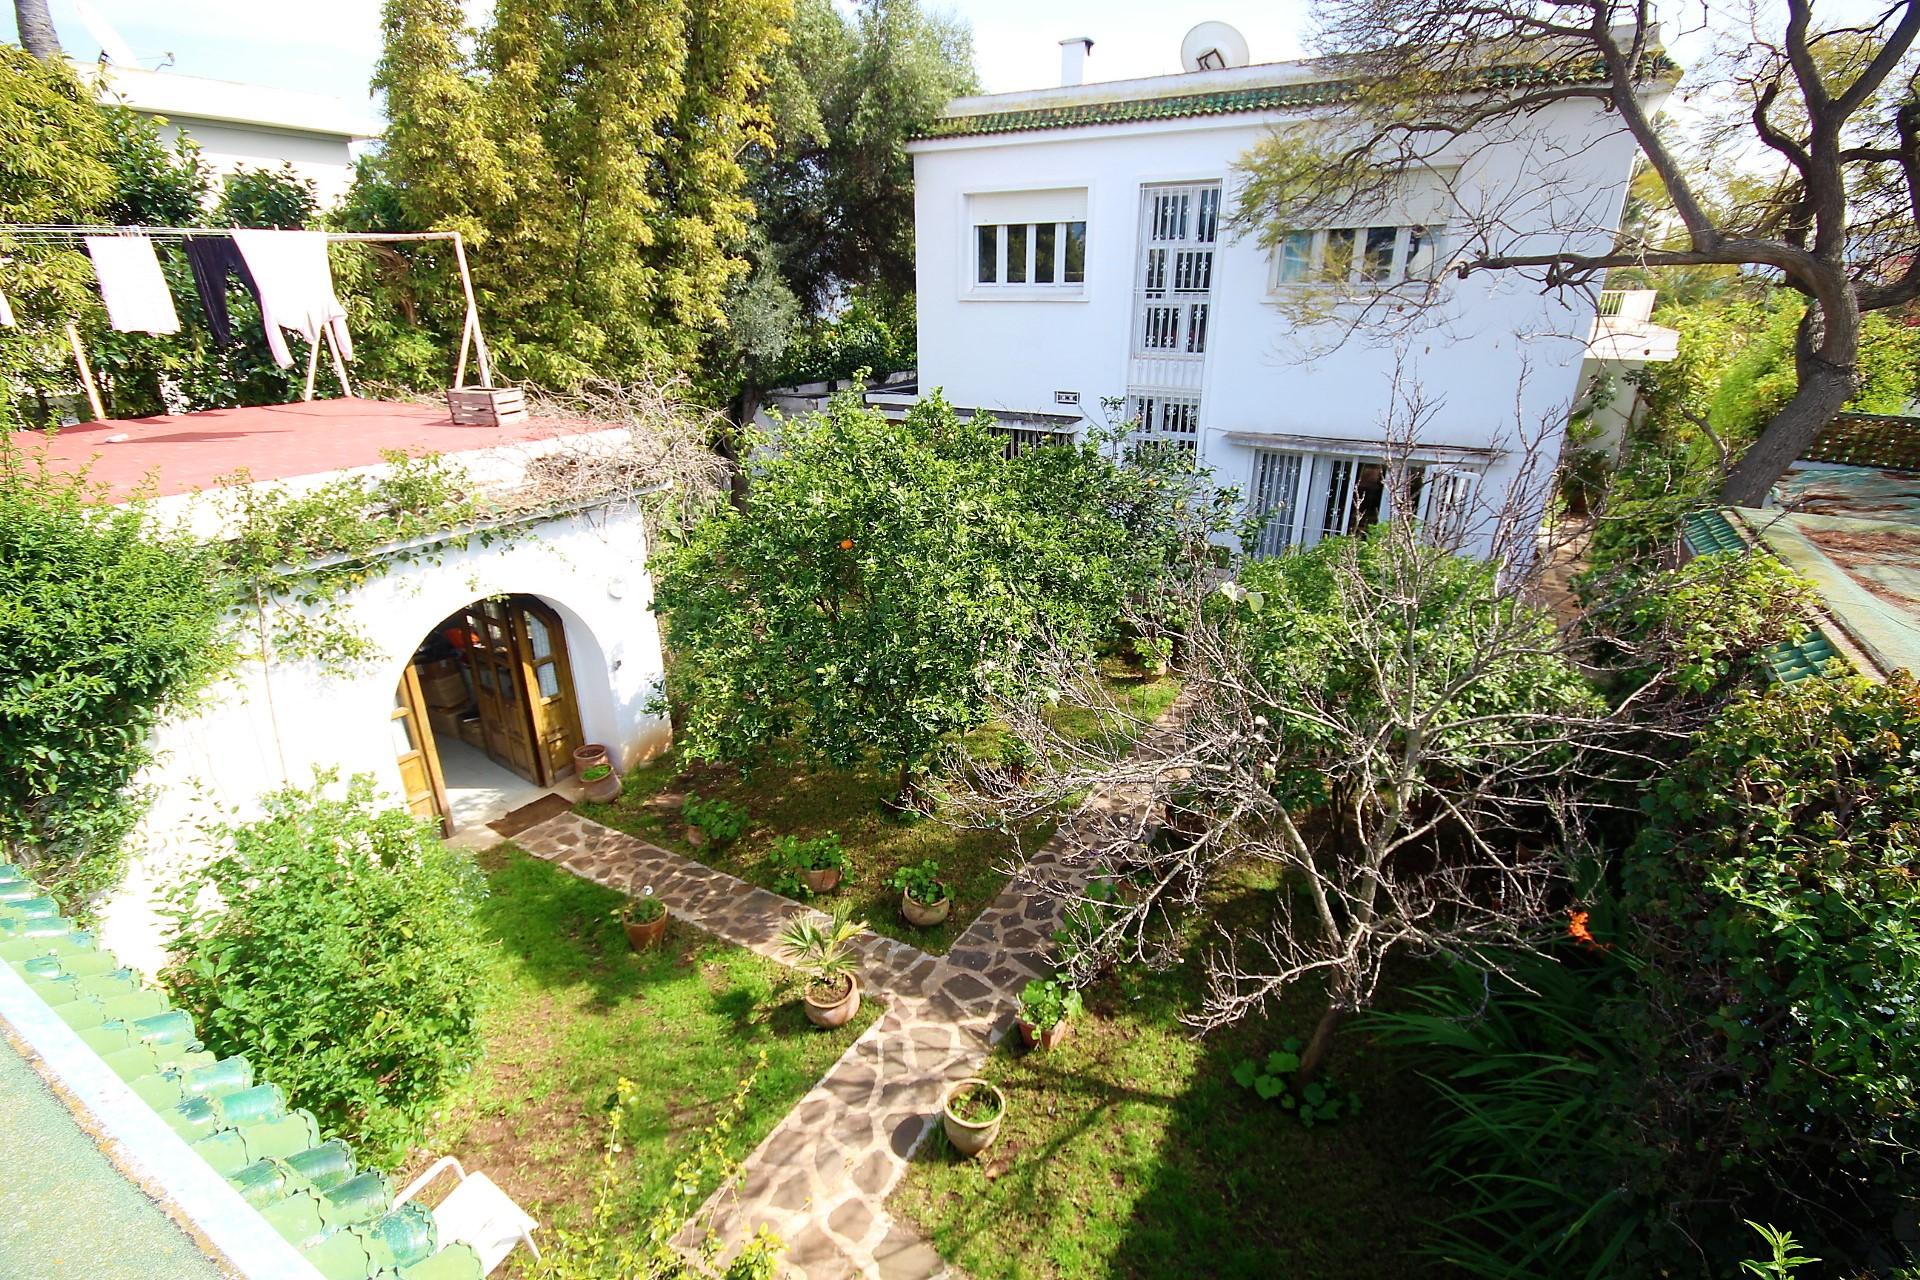 Maroc, Casablanca, C I L, EXCEPTIONNEL, à vendre Maison de charme résidentielle implantée sur un terrain de 990  m²